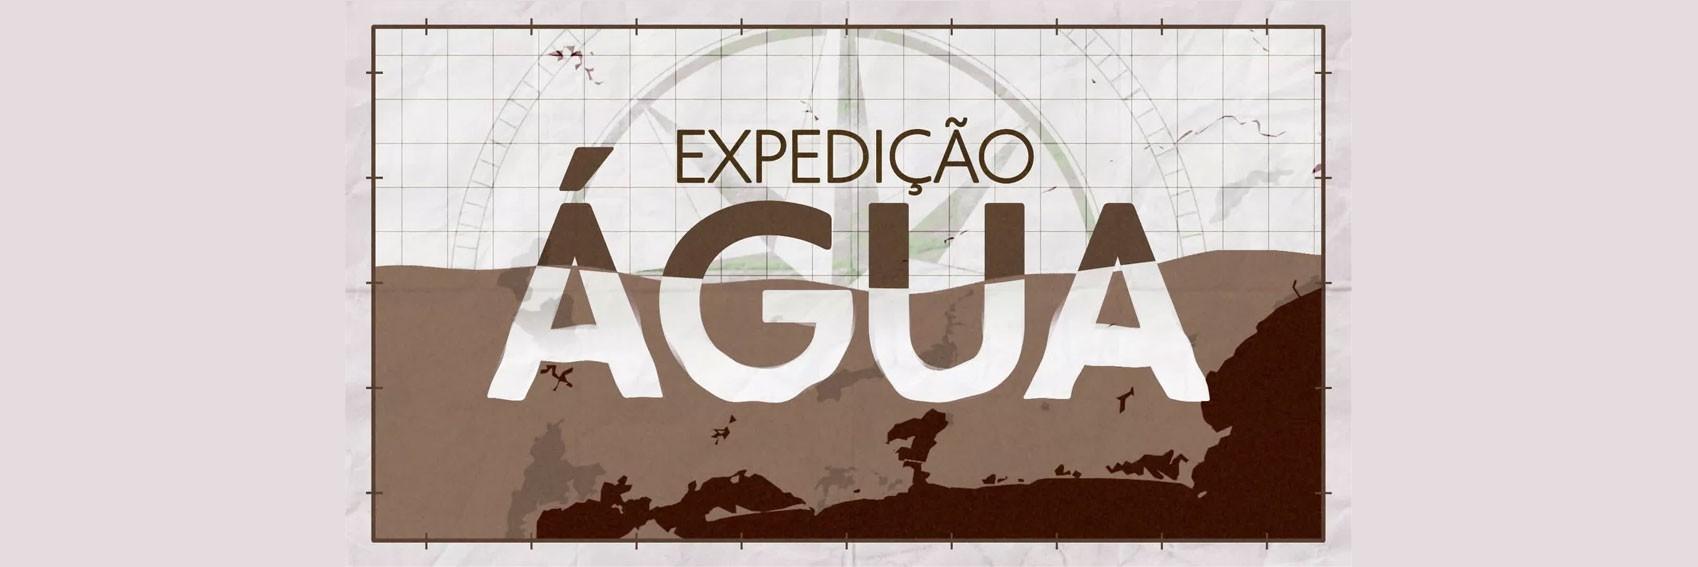 'Expedição água': cidade de São José dos Campos é considerada modelo no tratamento de esgoto